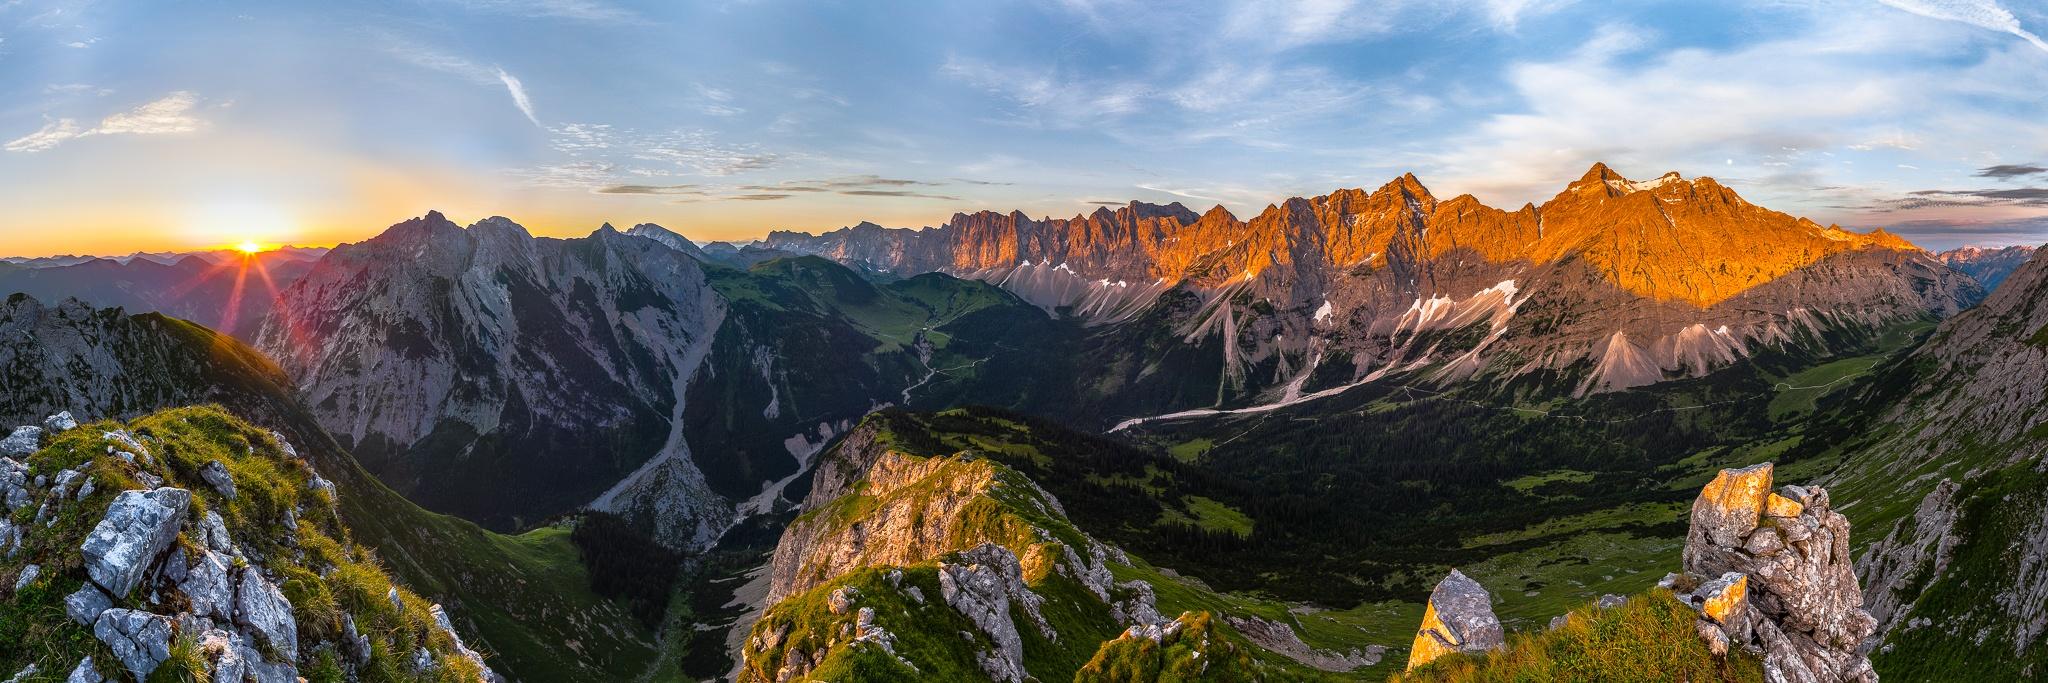 Sonnenaufgang, Karwendelhauptkamm, Vomper, Kette